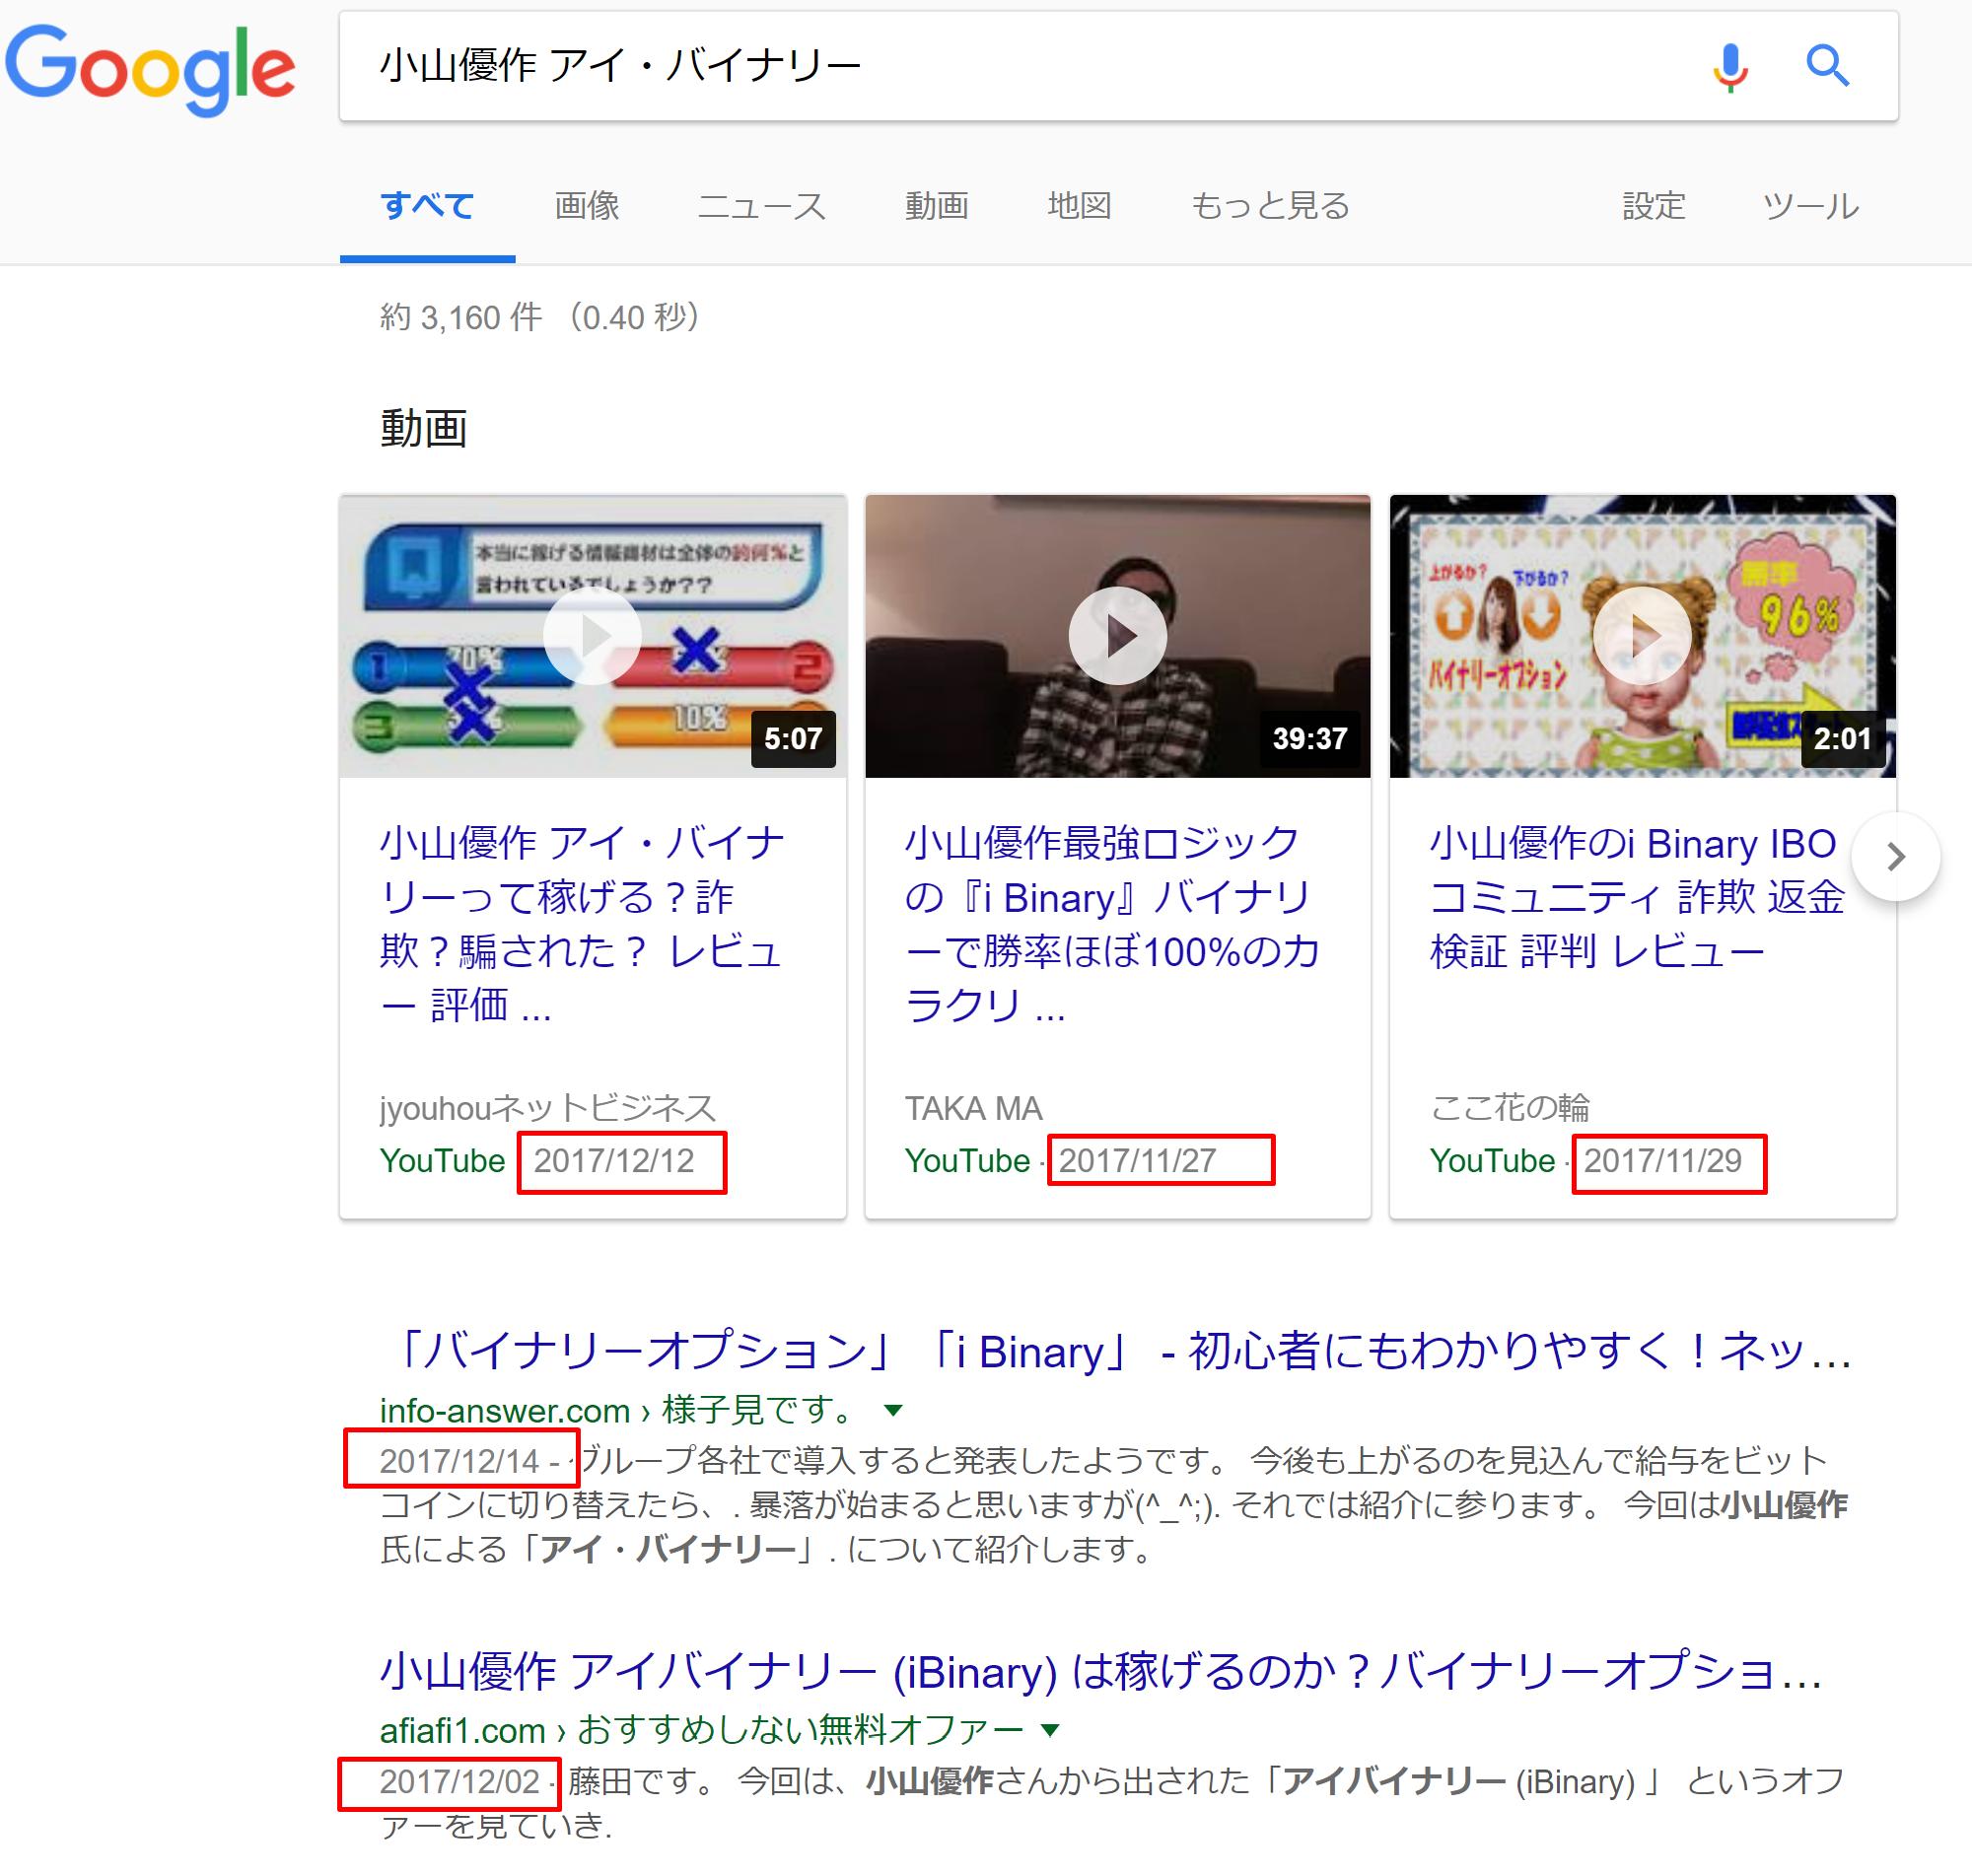 小山優作 アイ・バイナリー10